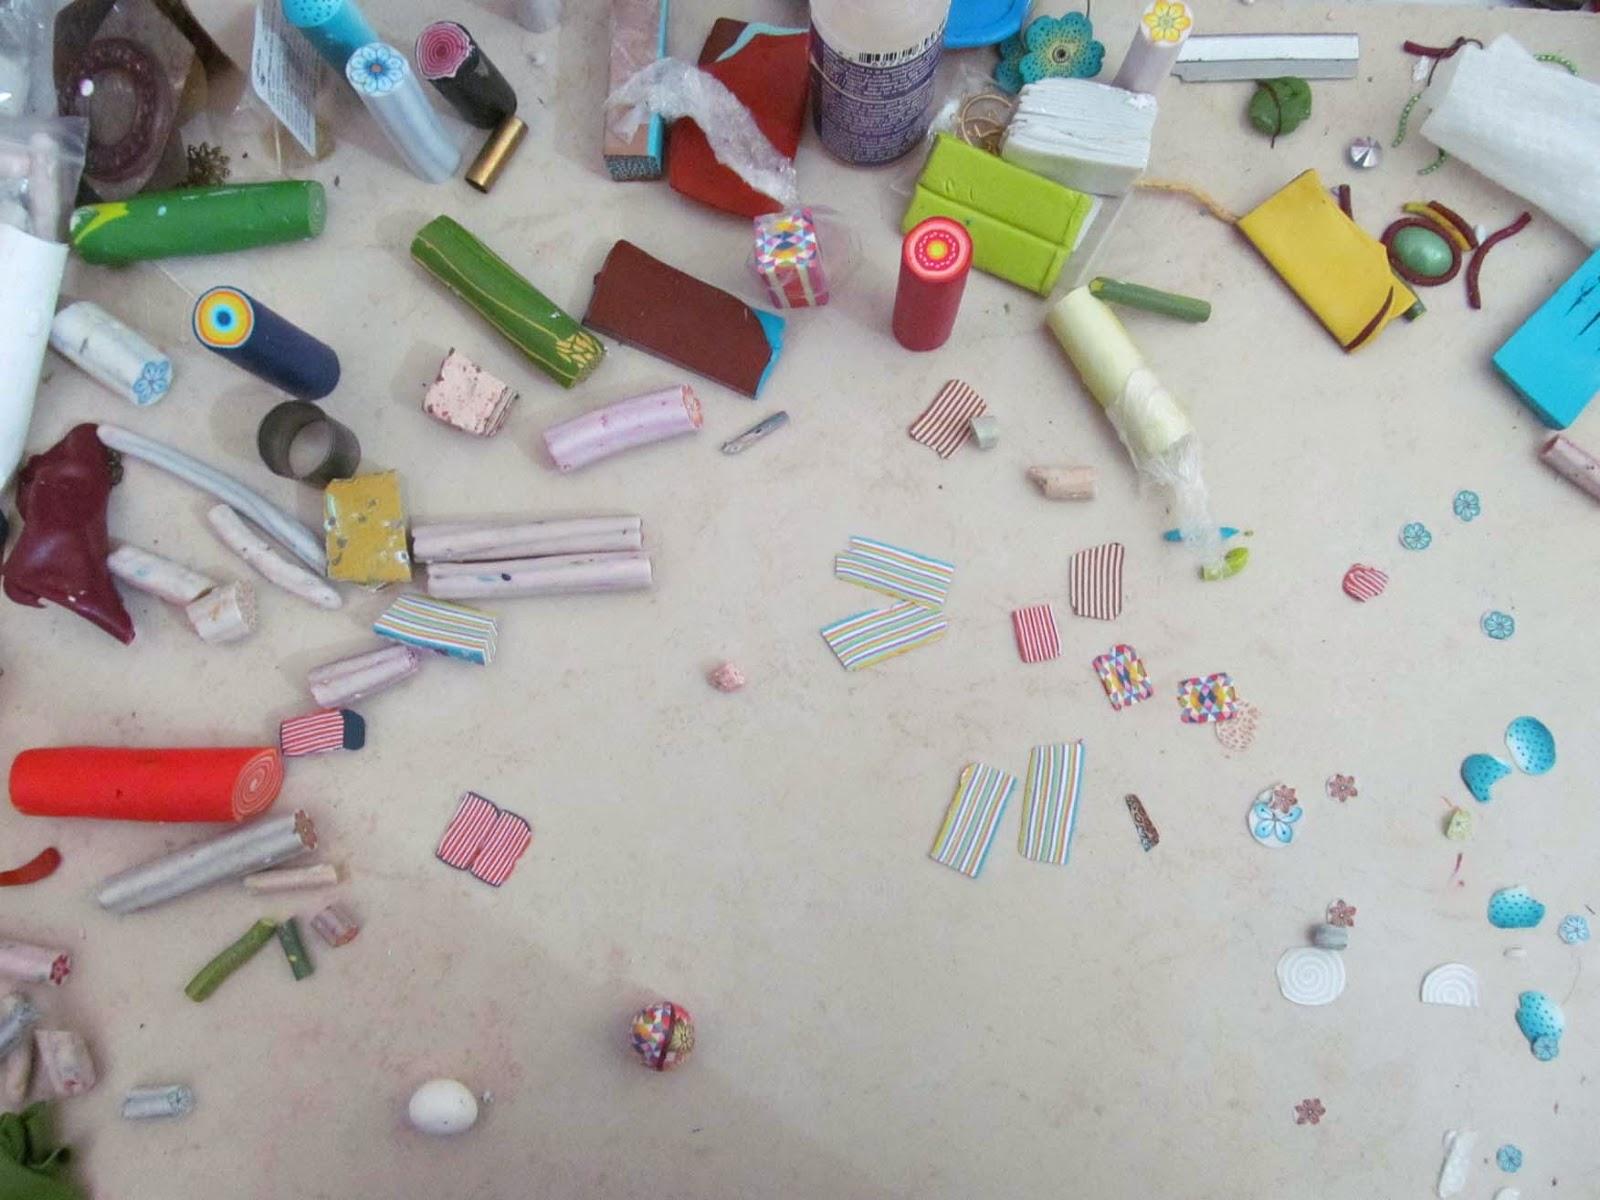 חימר פולימרי, חרוזי פימו,חרוזי חימר פולימרי,גלילי פימו,גלילי חימר פולימרי ,fimo beads,polymer clay beads,